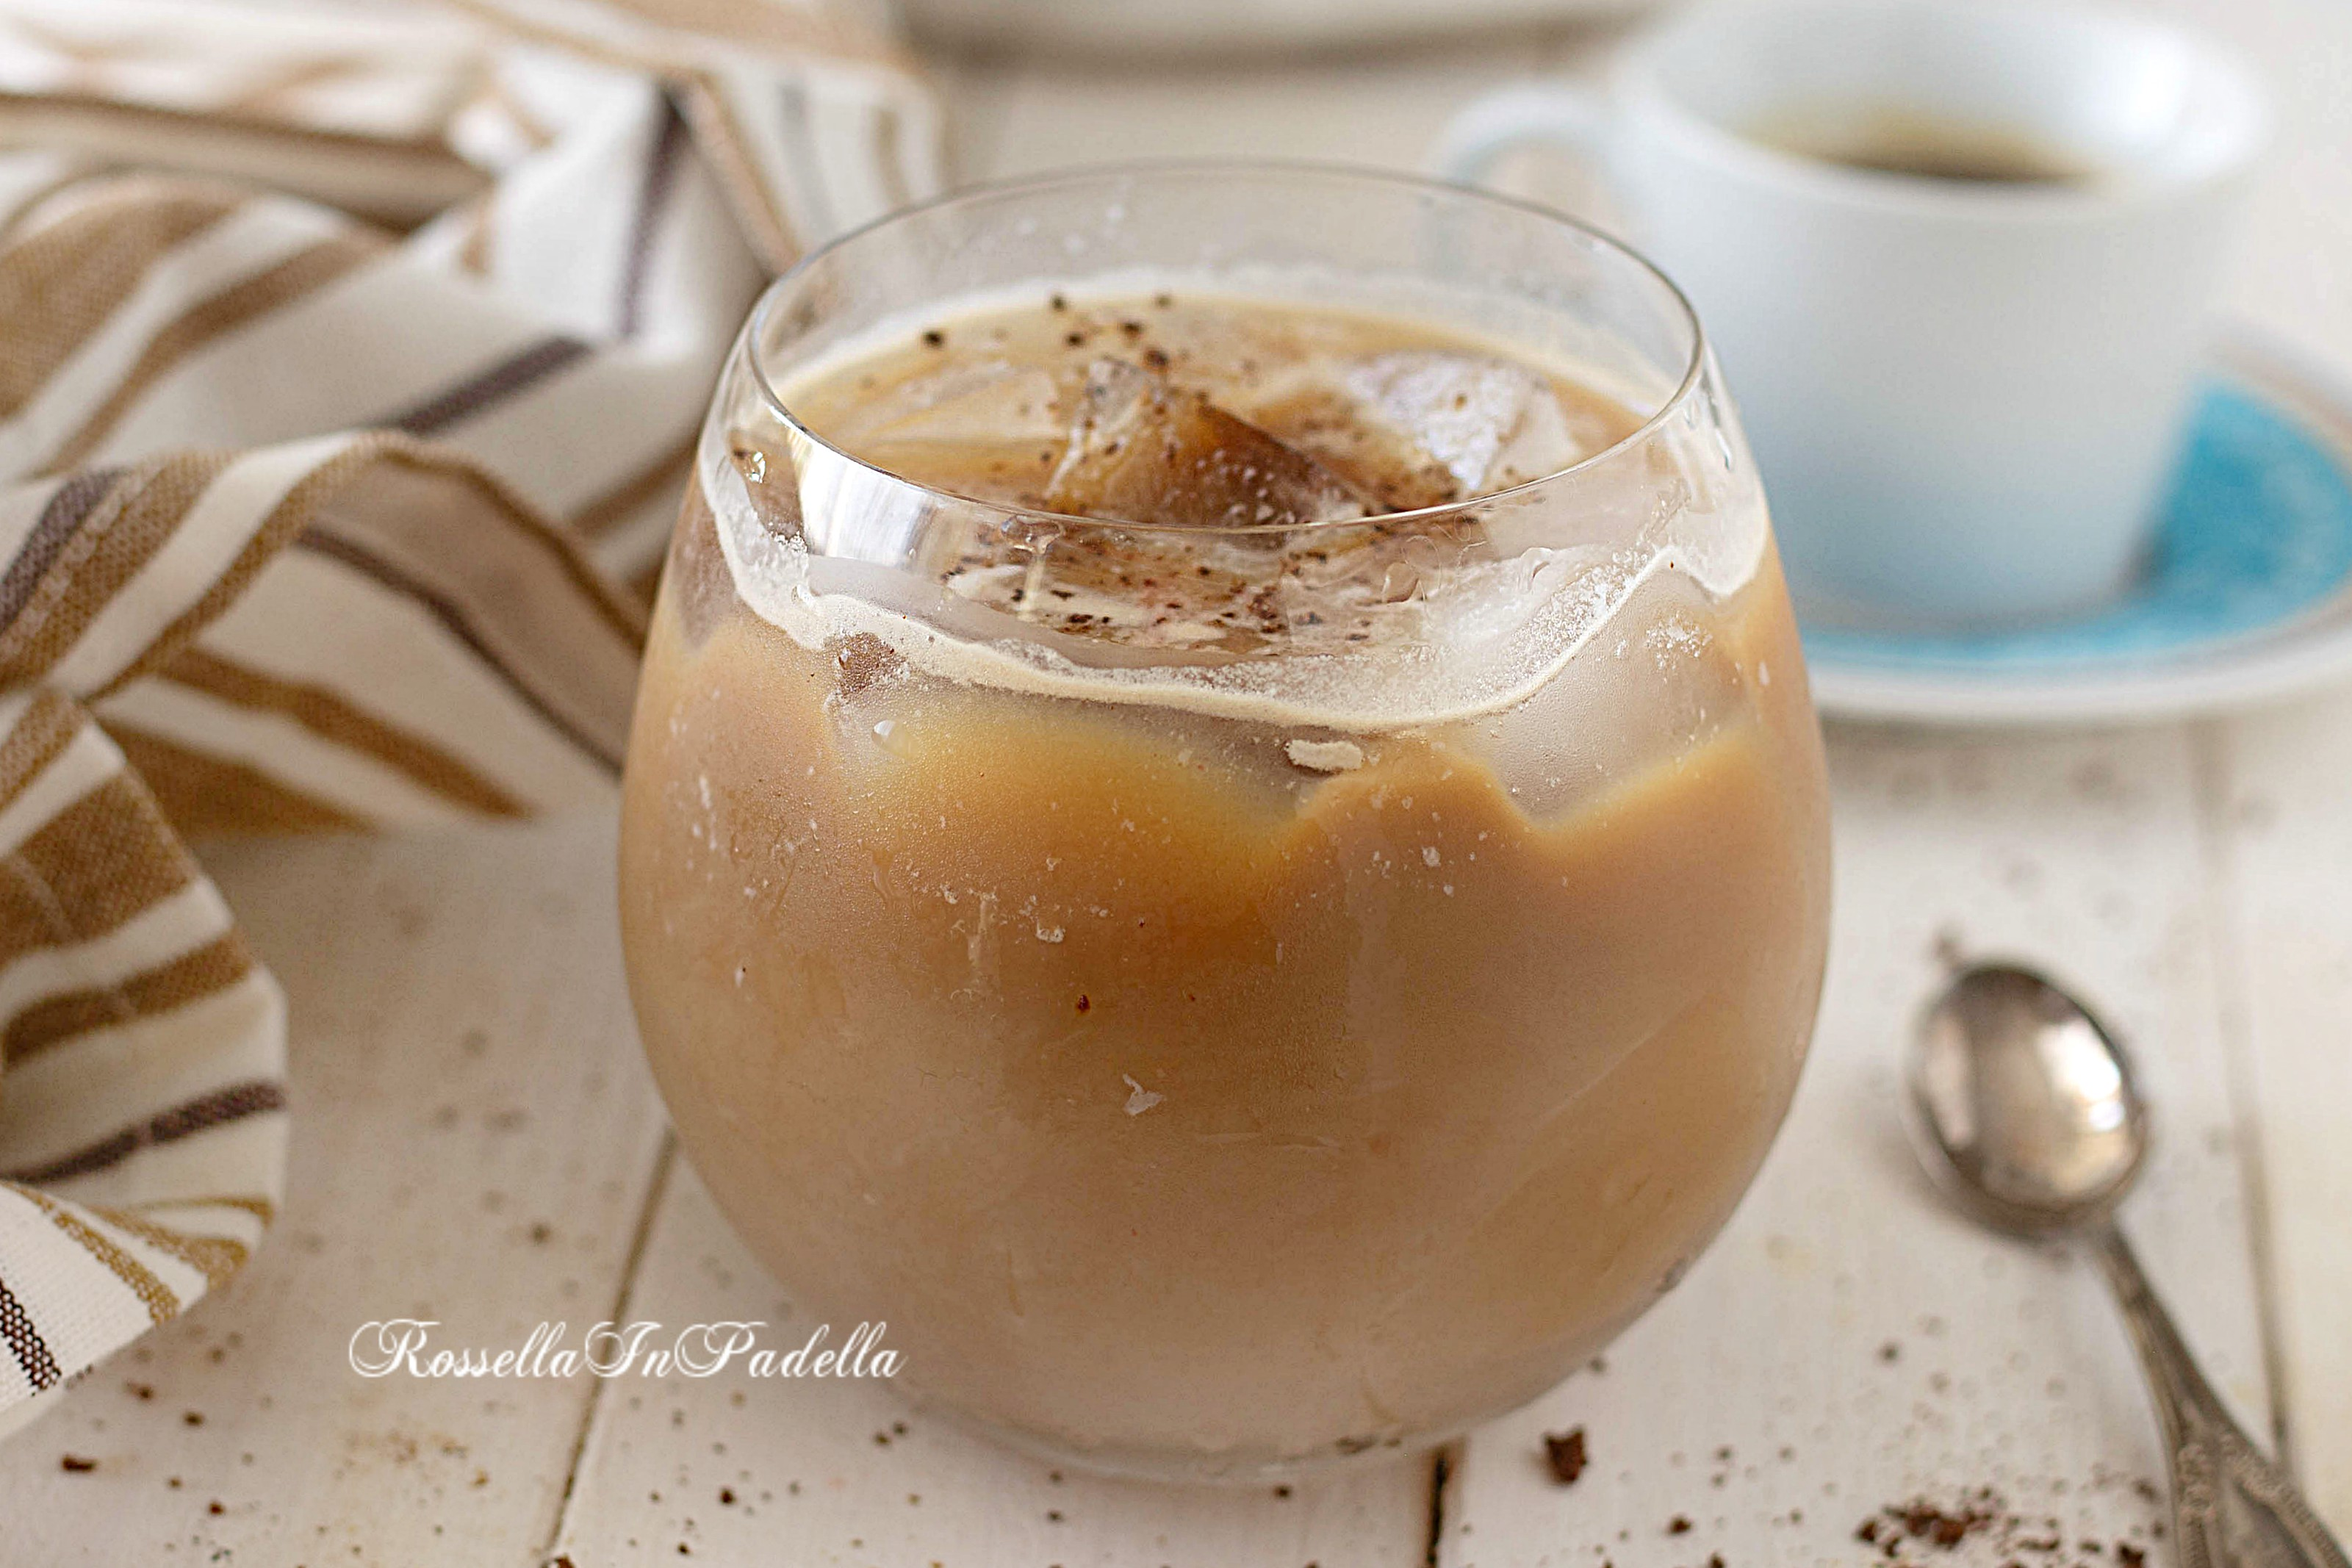 ricetta Caffè freddo con il barattolo